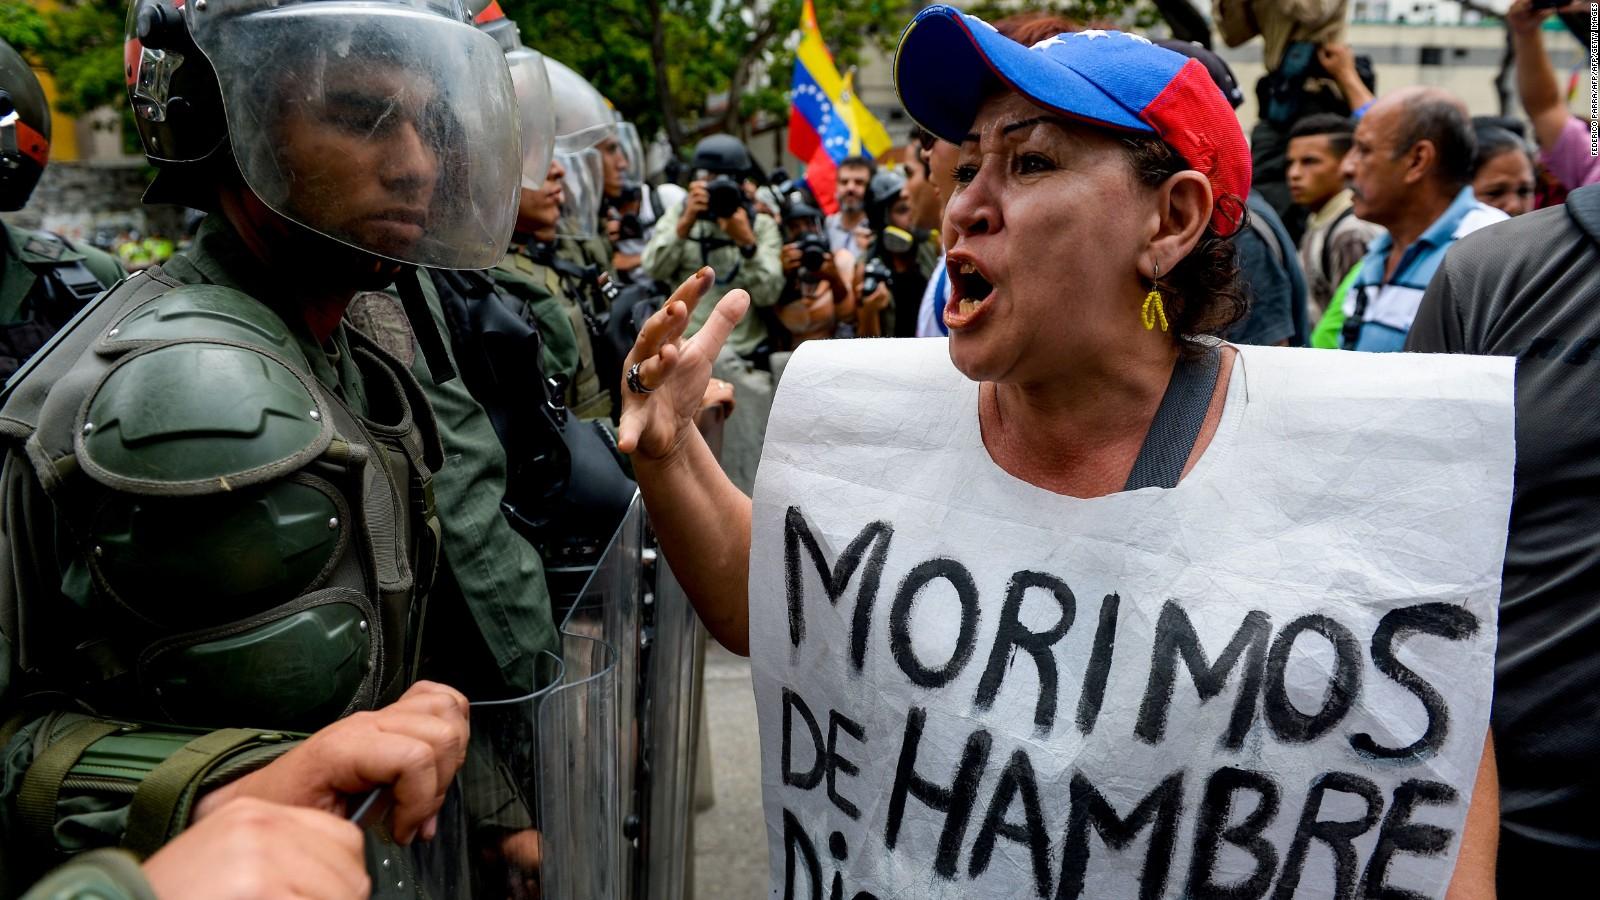 Una ONG documentó 127 ataques a la libertad de expresión en Venezuela en 2020. Foto: Cortesía